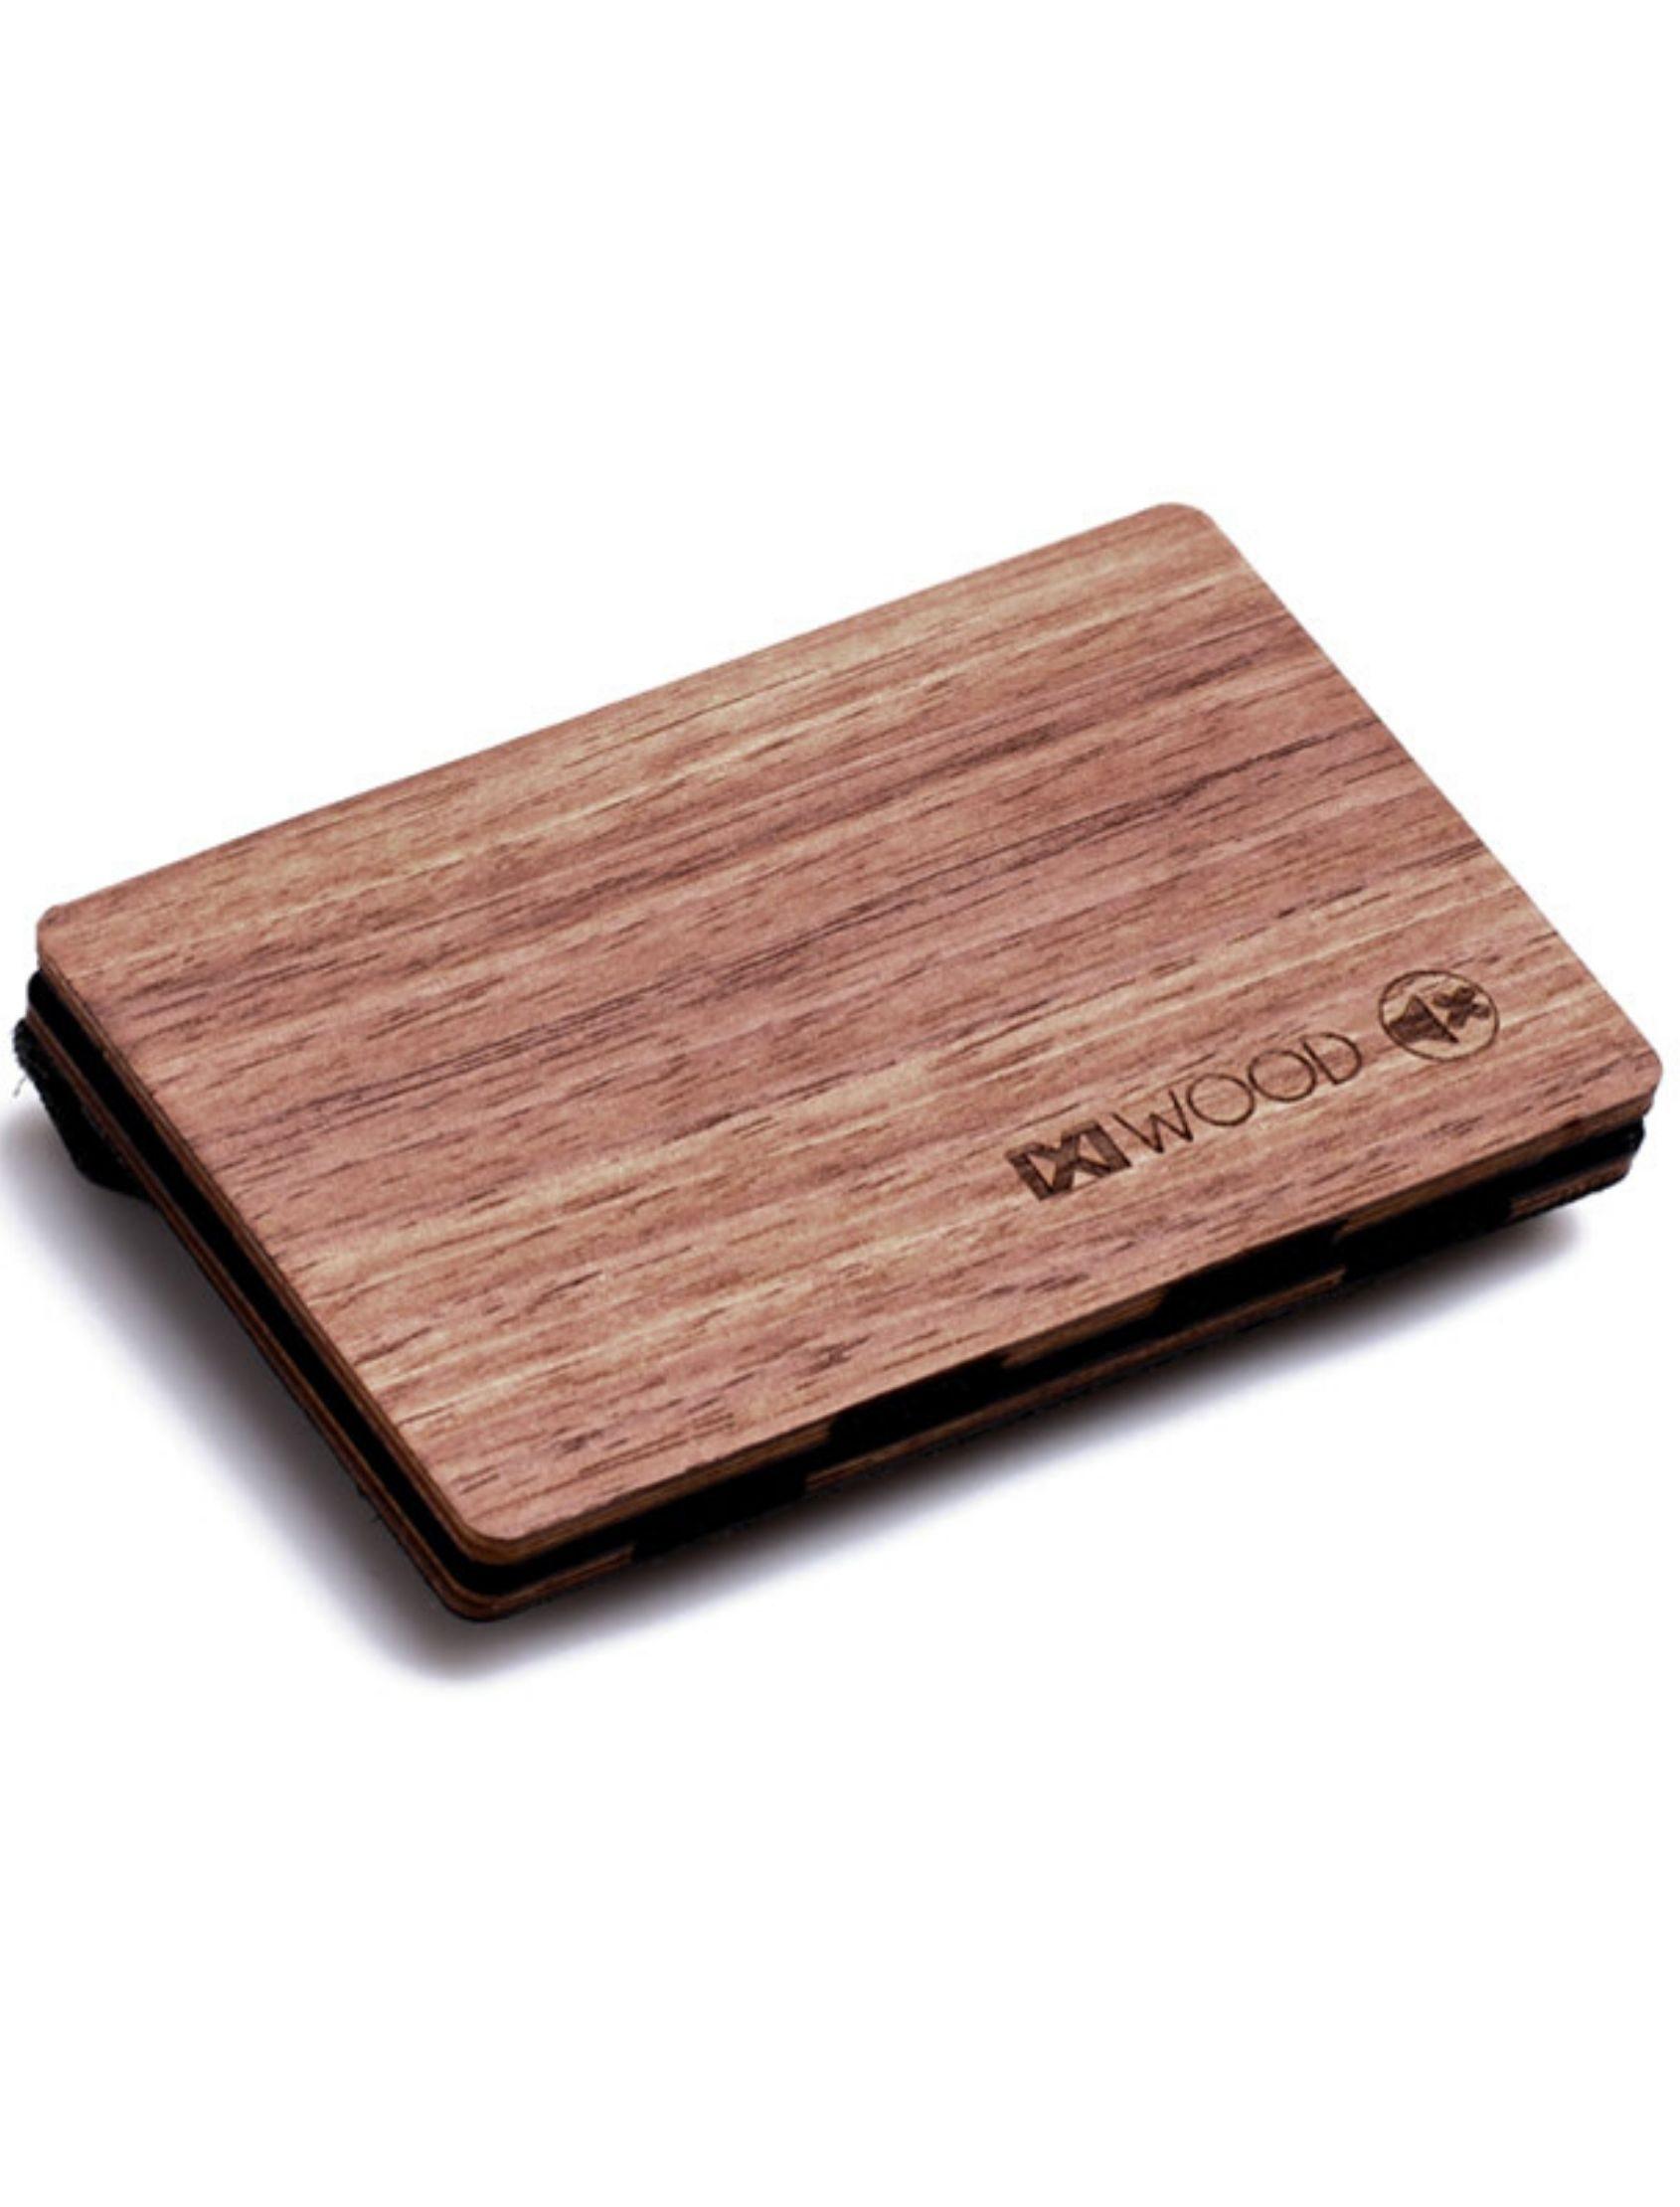 cartera nogal de madera con monedero de piñatex de ixi wood